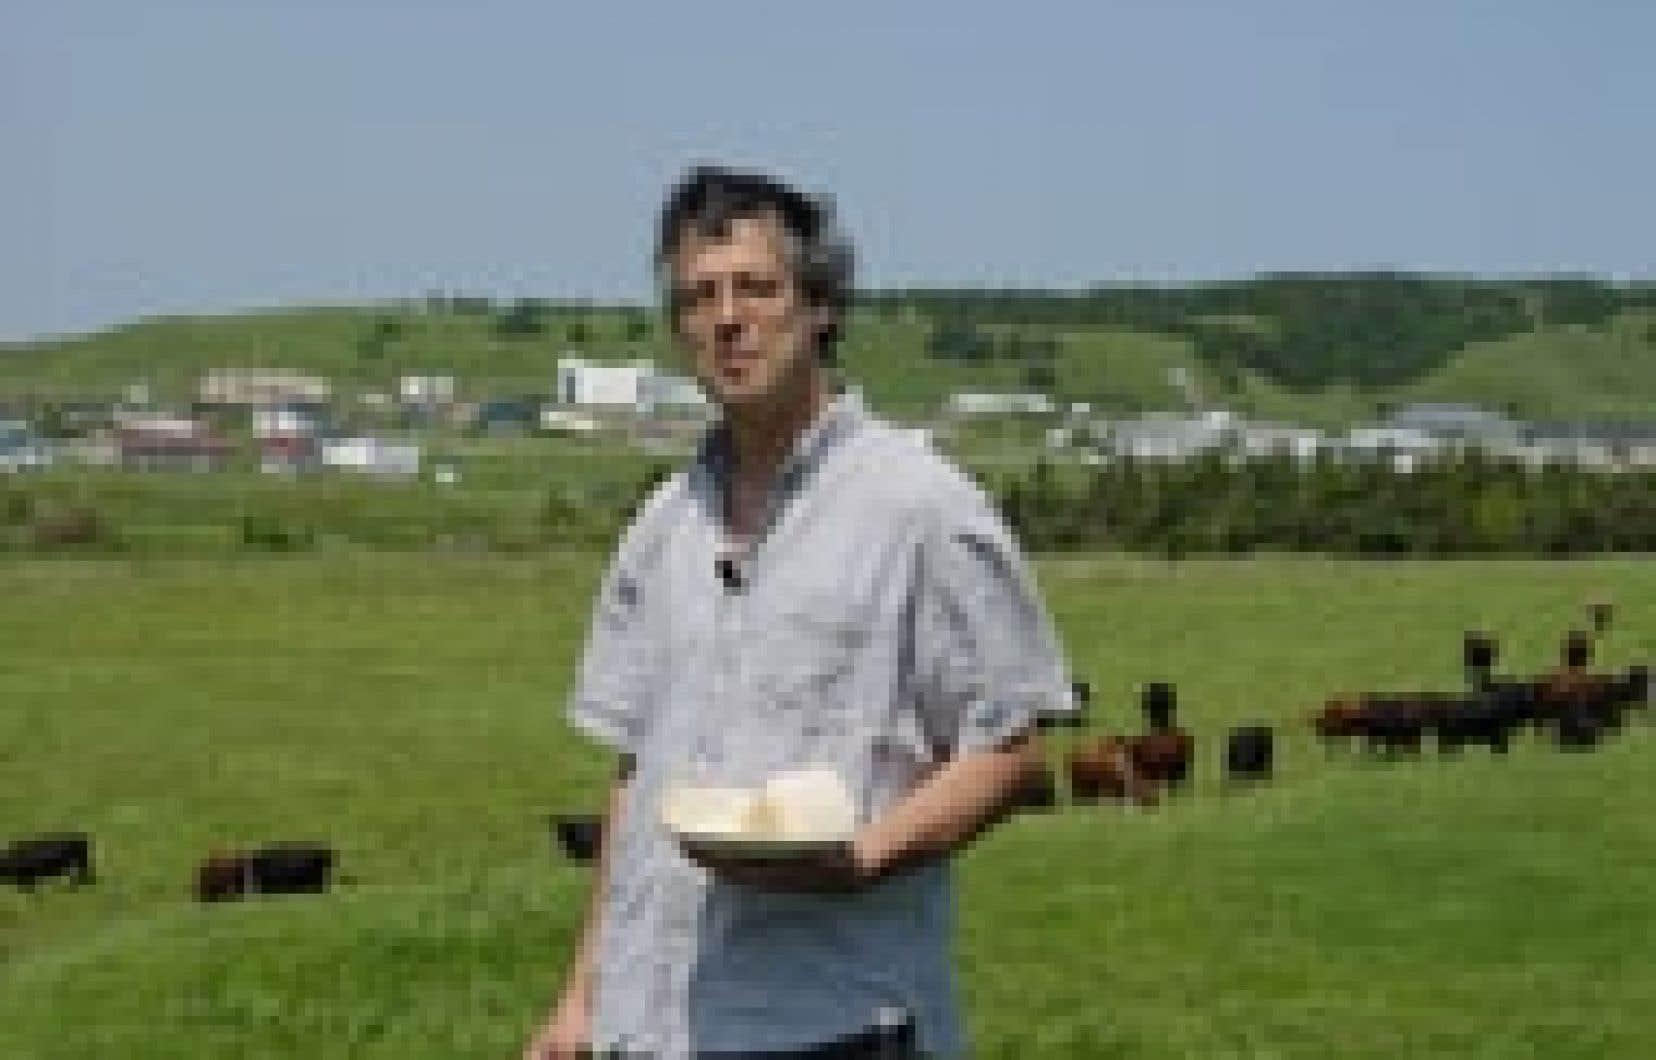 Il y a de cela 12 ans, Vincent Lalonde quittait en aventurier la vie montréalaise pour accoster aux Îles et concrétiser un vieux rêve: faire du fromage.